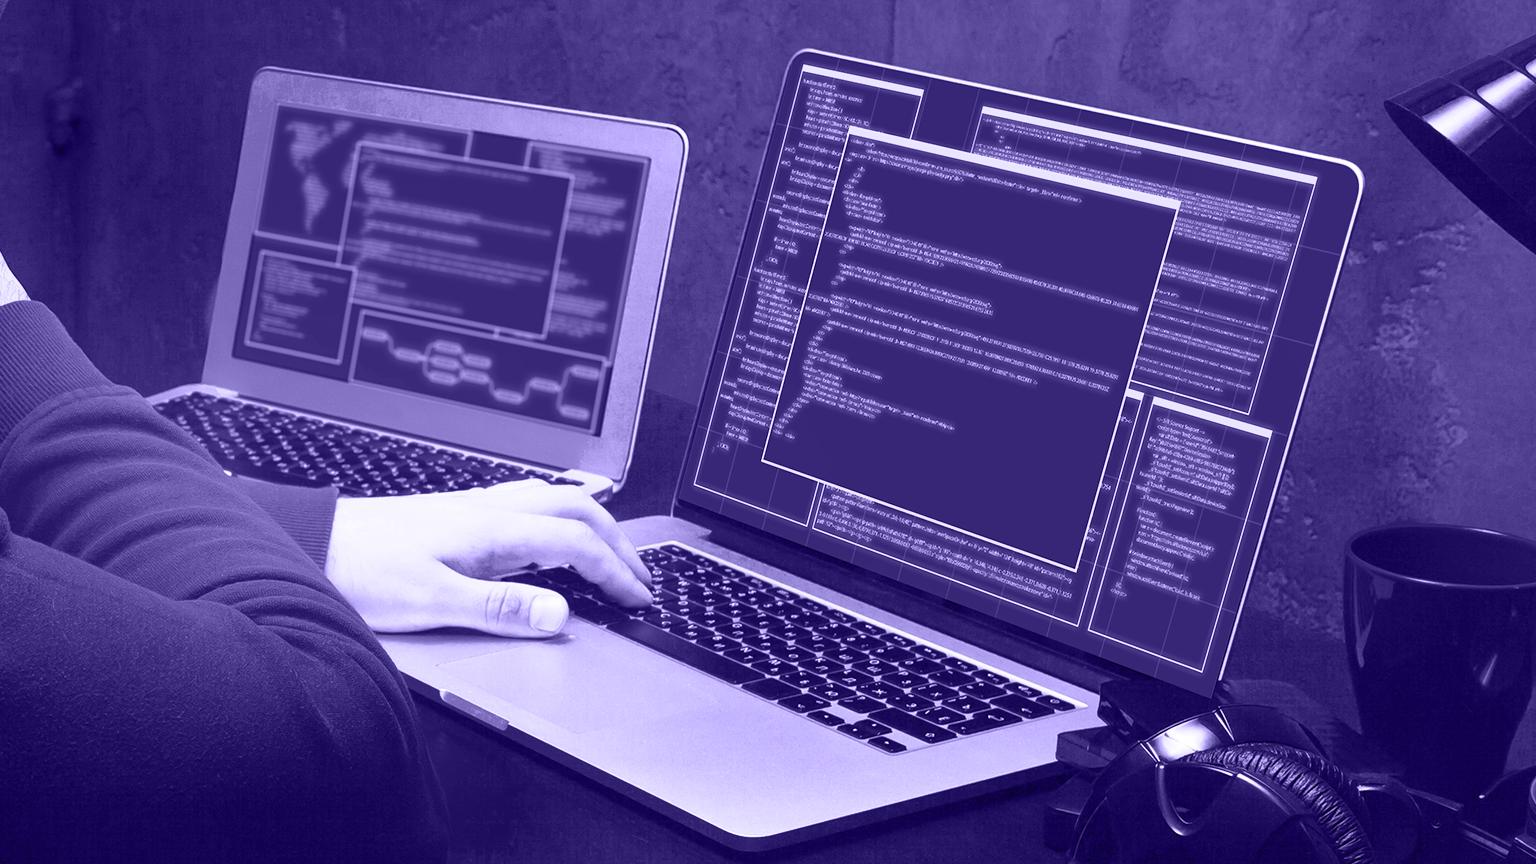 O Inimigo Invisível: sua operação se previne contra os ciberataques?